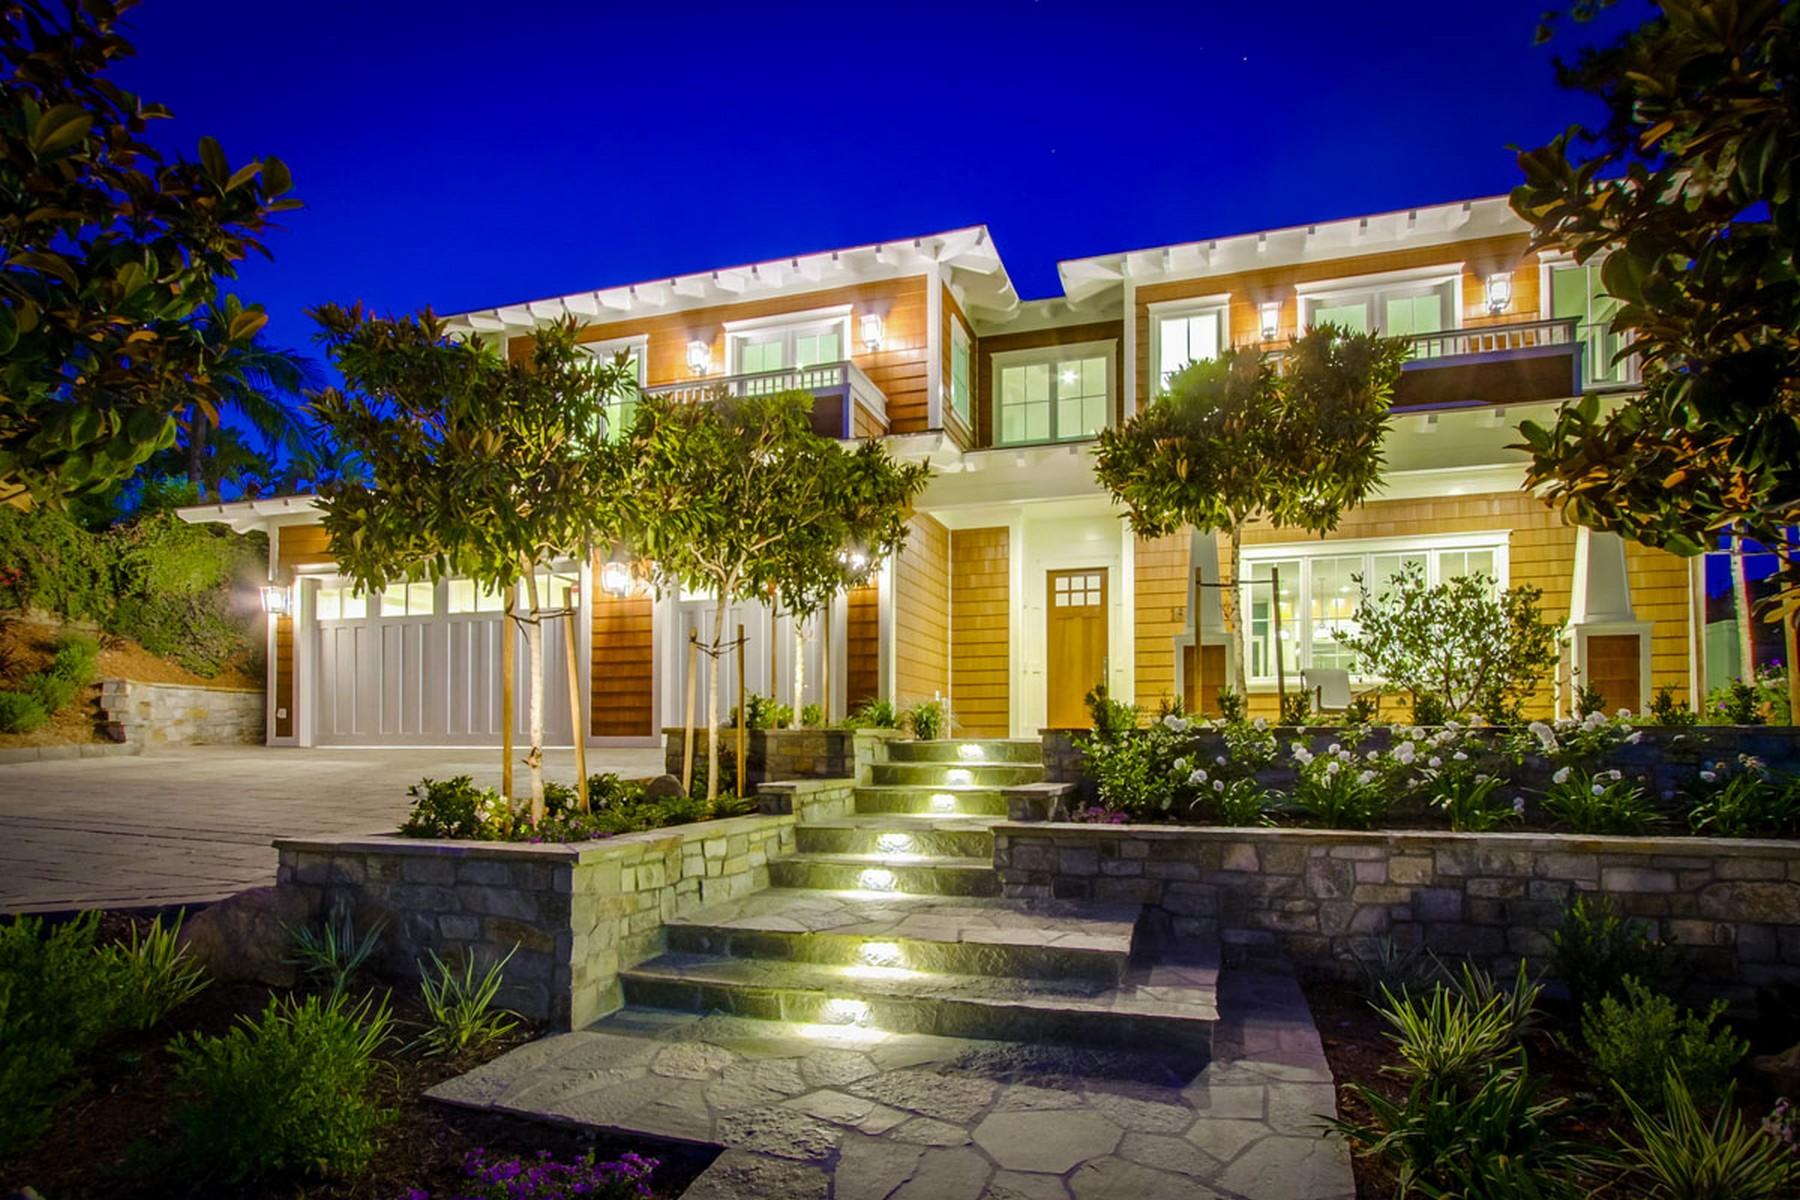 Casa Unifamiliar por un Venta en 1685 Marisma Way La Jolla, California 92037 Estados Unidos